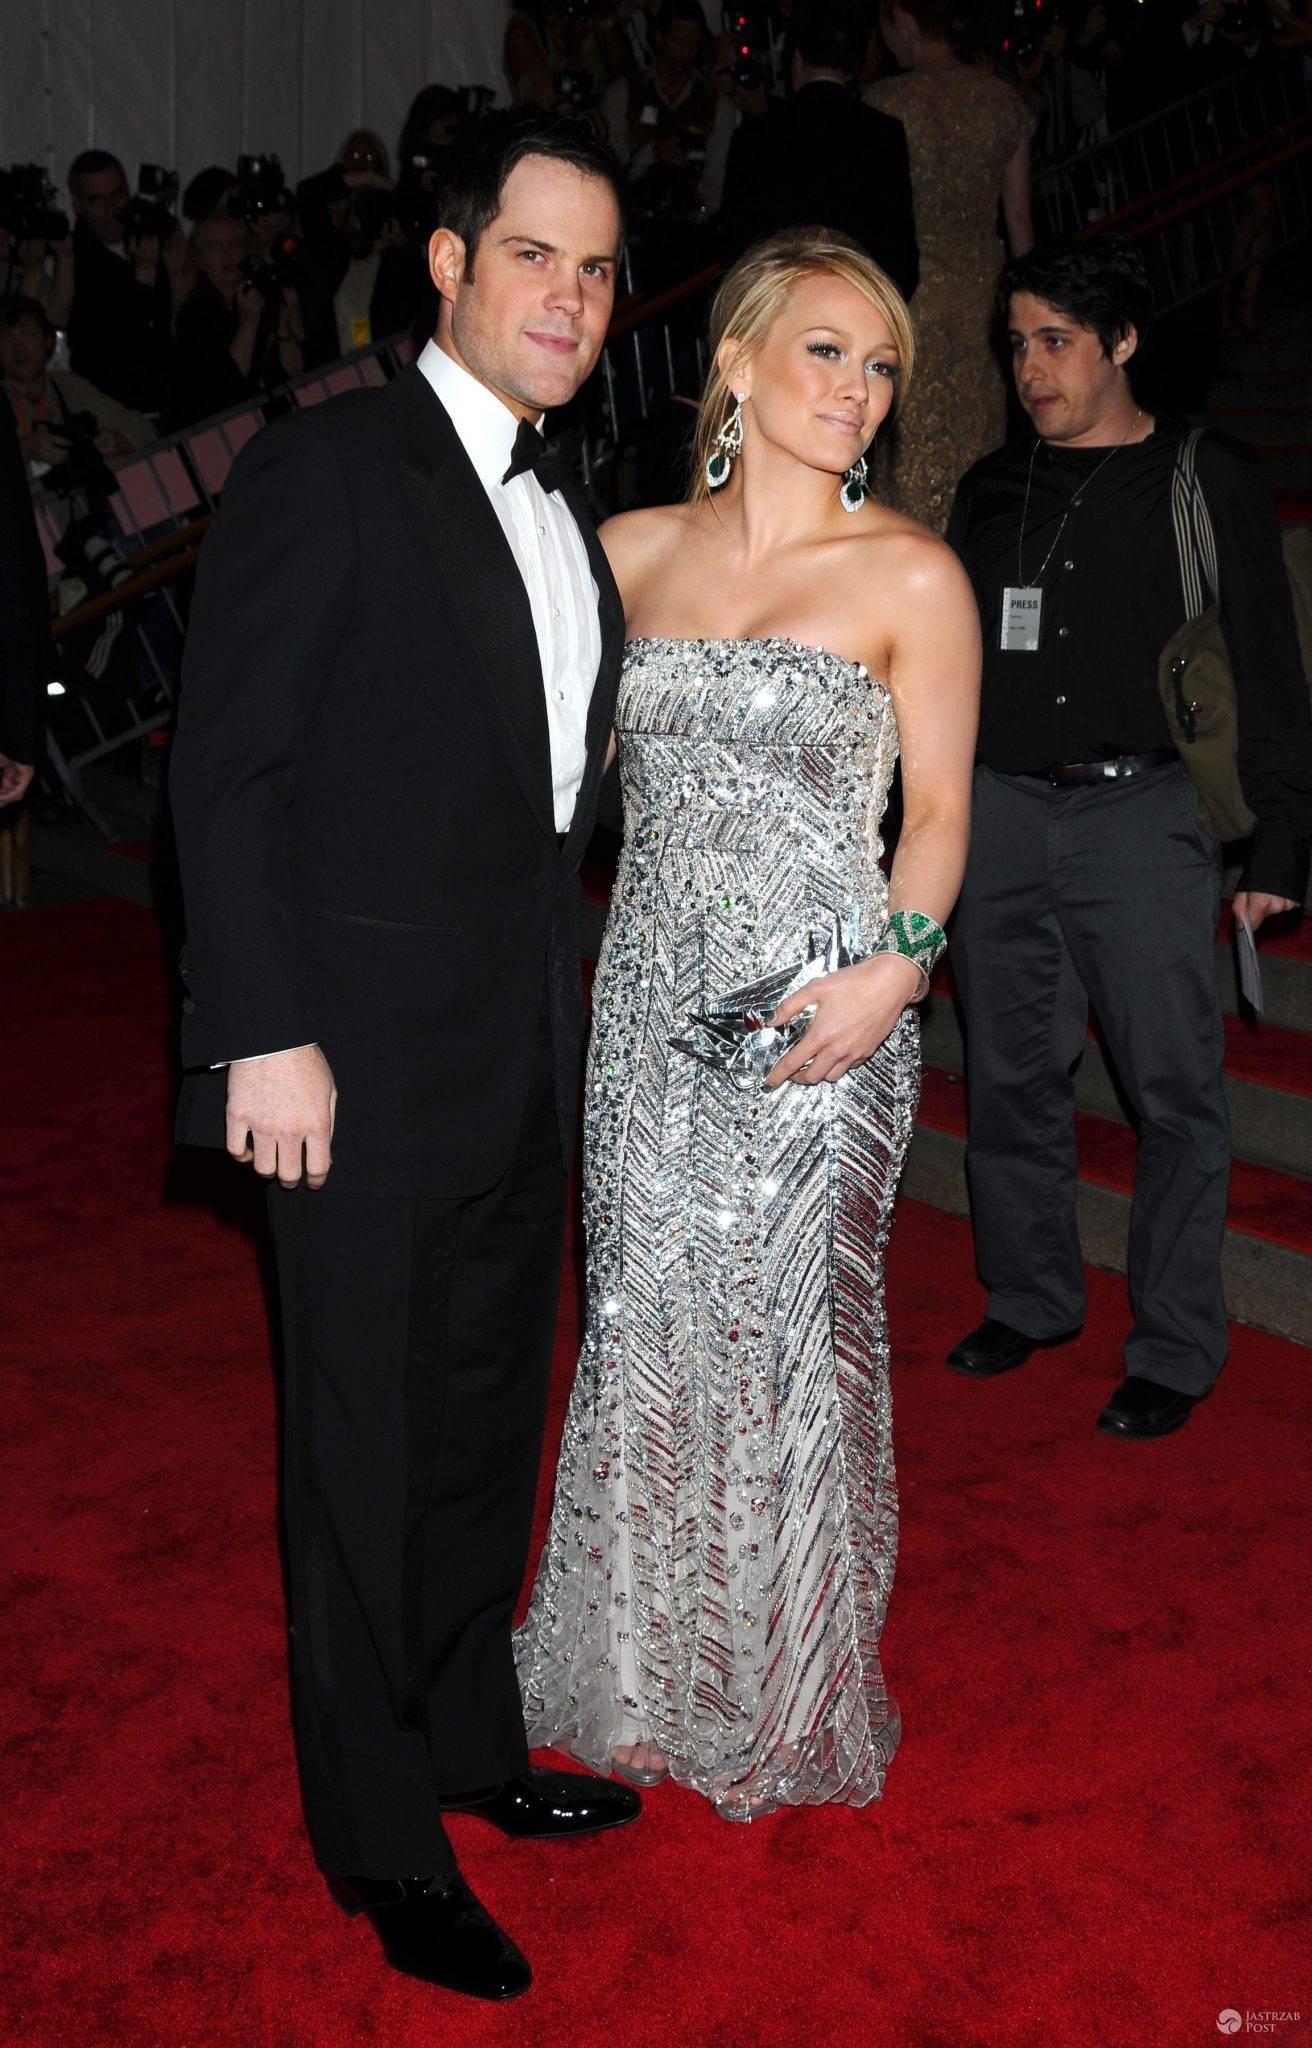 Hilary Duff z byłym mężem, Mike'iem Comrie